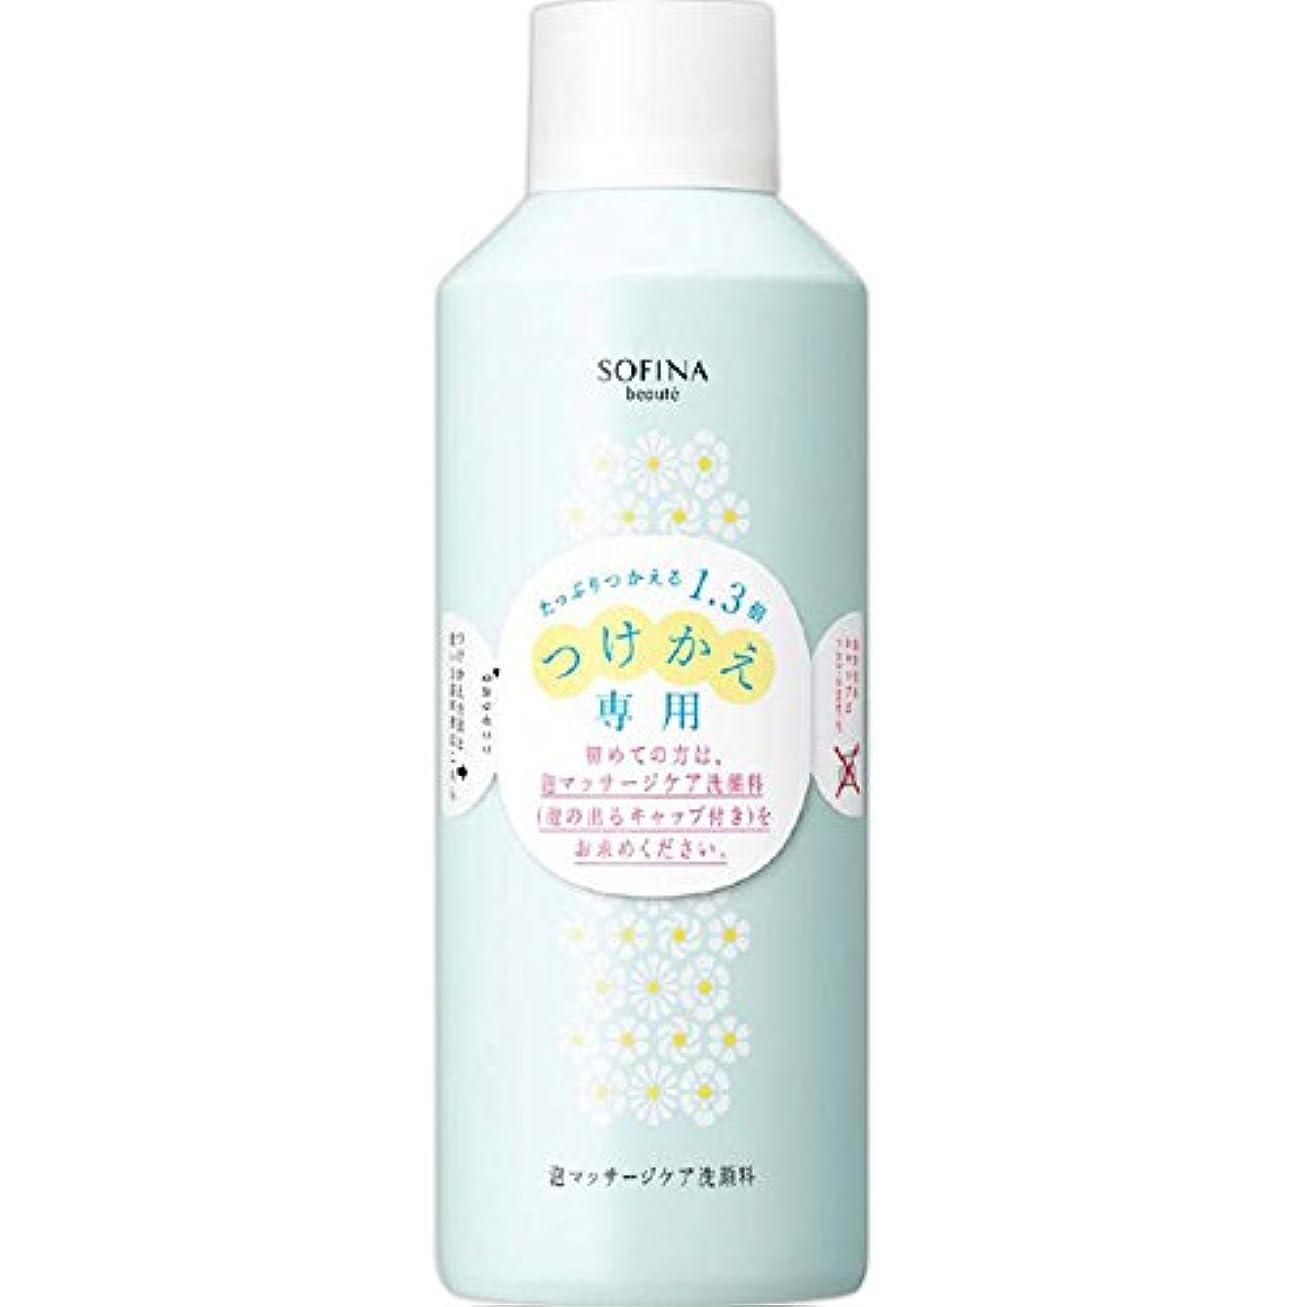 疼痛平手打ち液化する花王ソフィーナ ボーテ 泡マッサージケア洗顔料 つけかえ専用230g